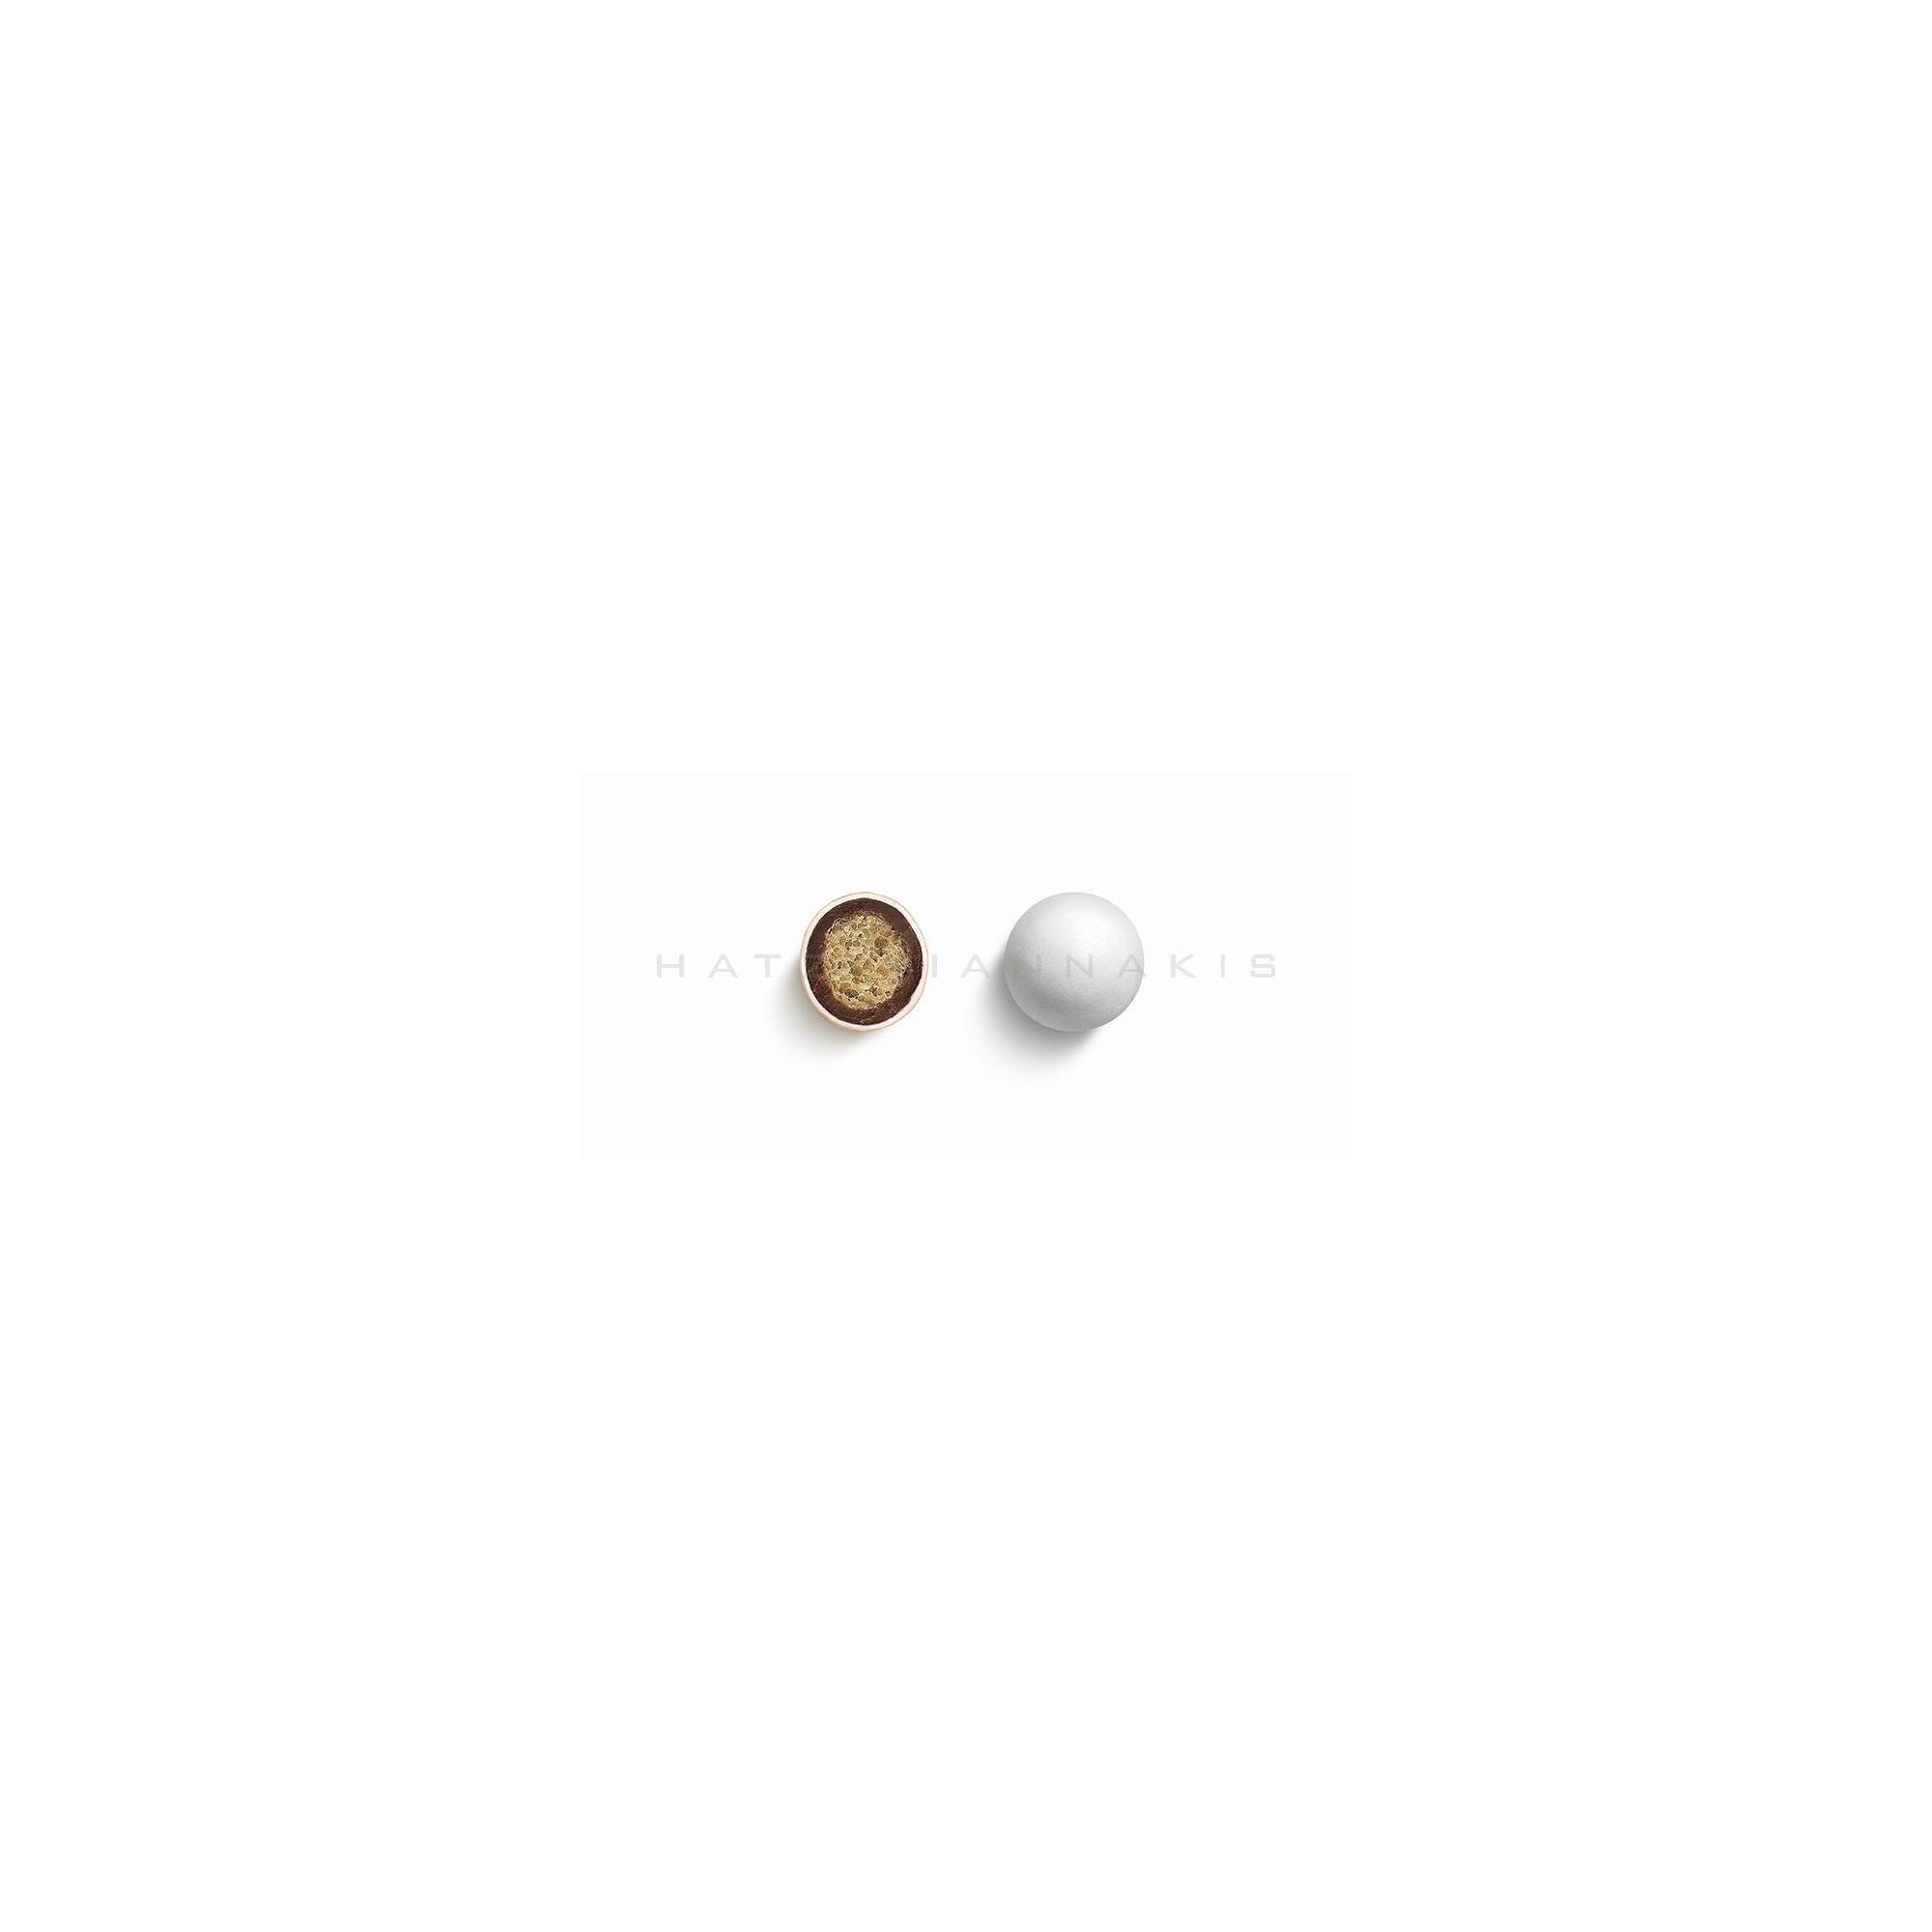 Κουφέτο Crispy Λευκό και Πιτσιλωτό - LWG-X1902